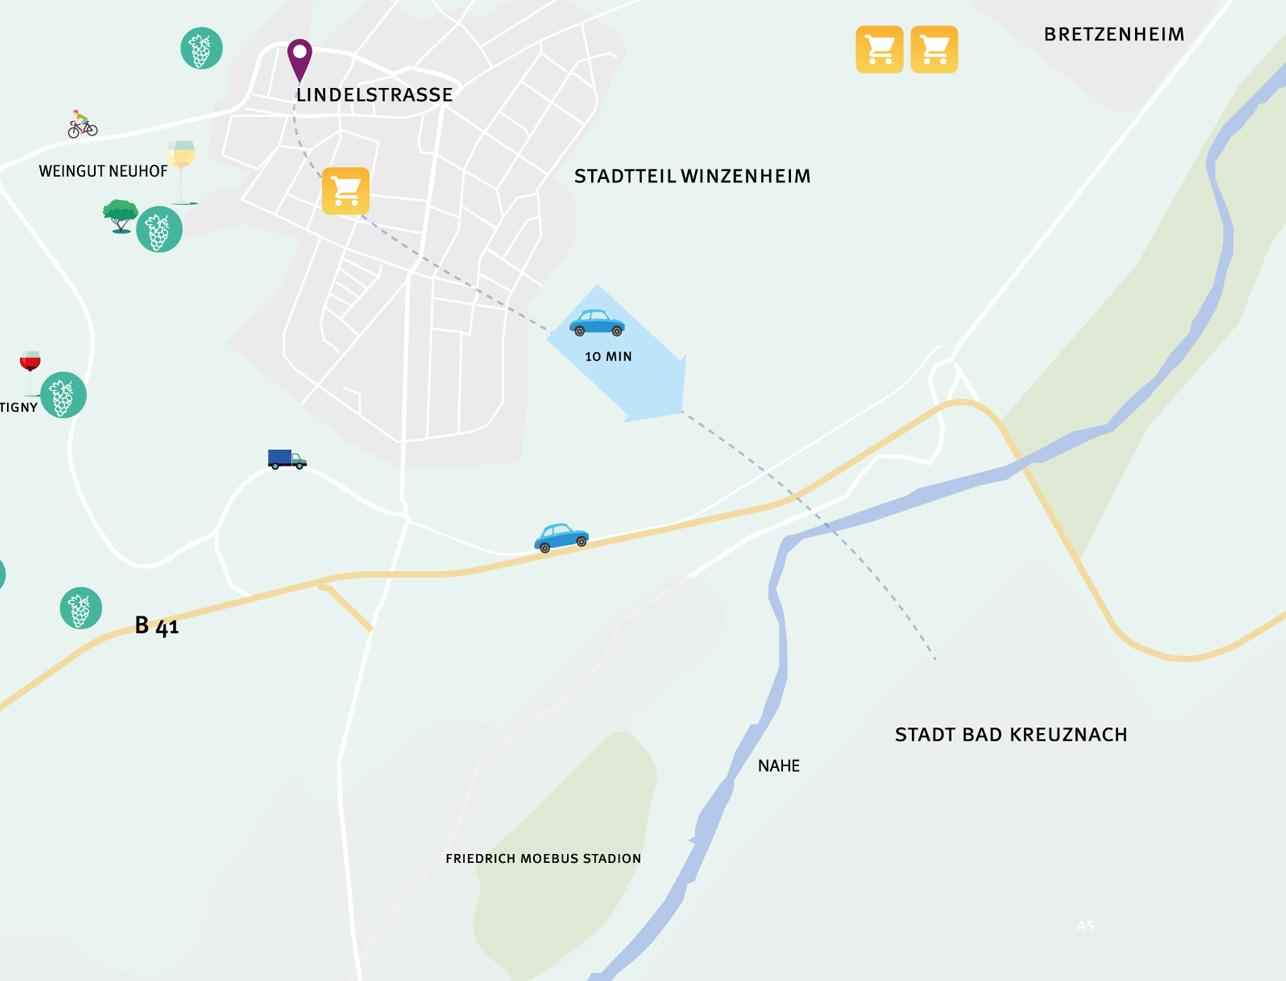 Wohnung kaufen in Bad Kreuznach Karte